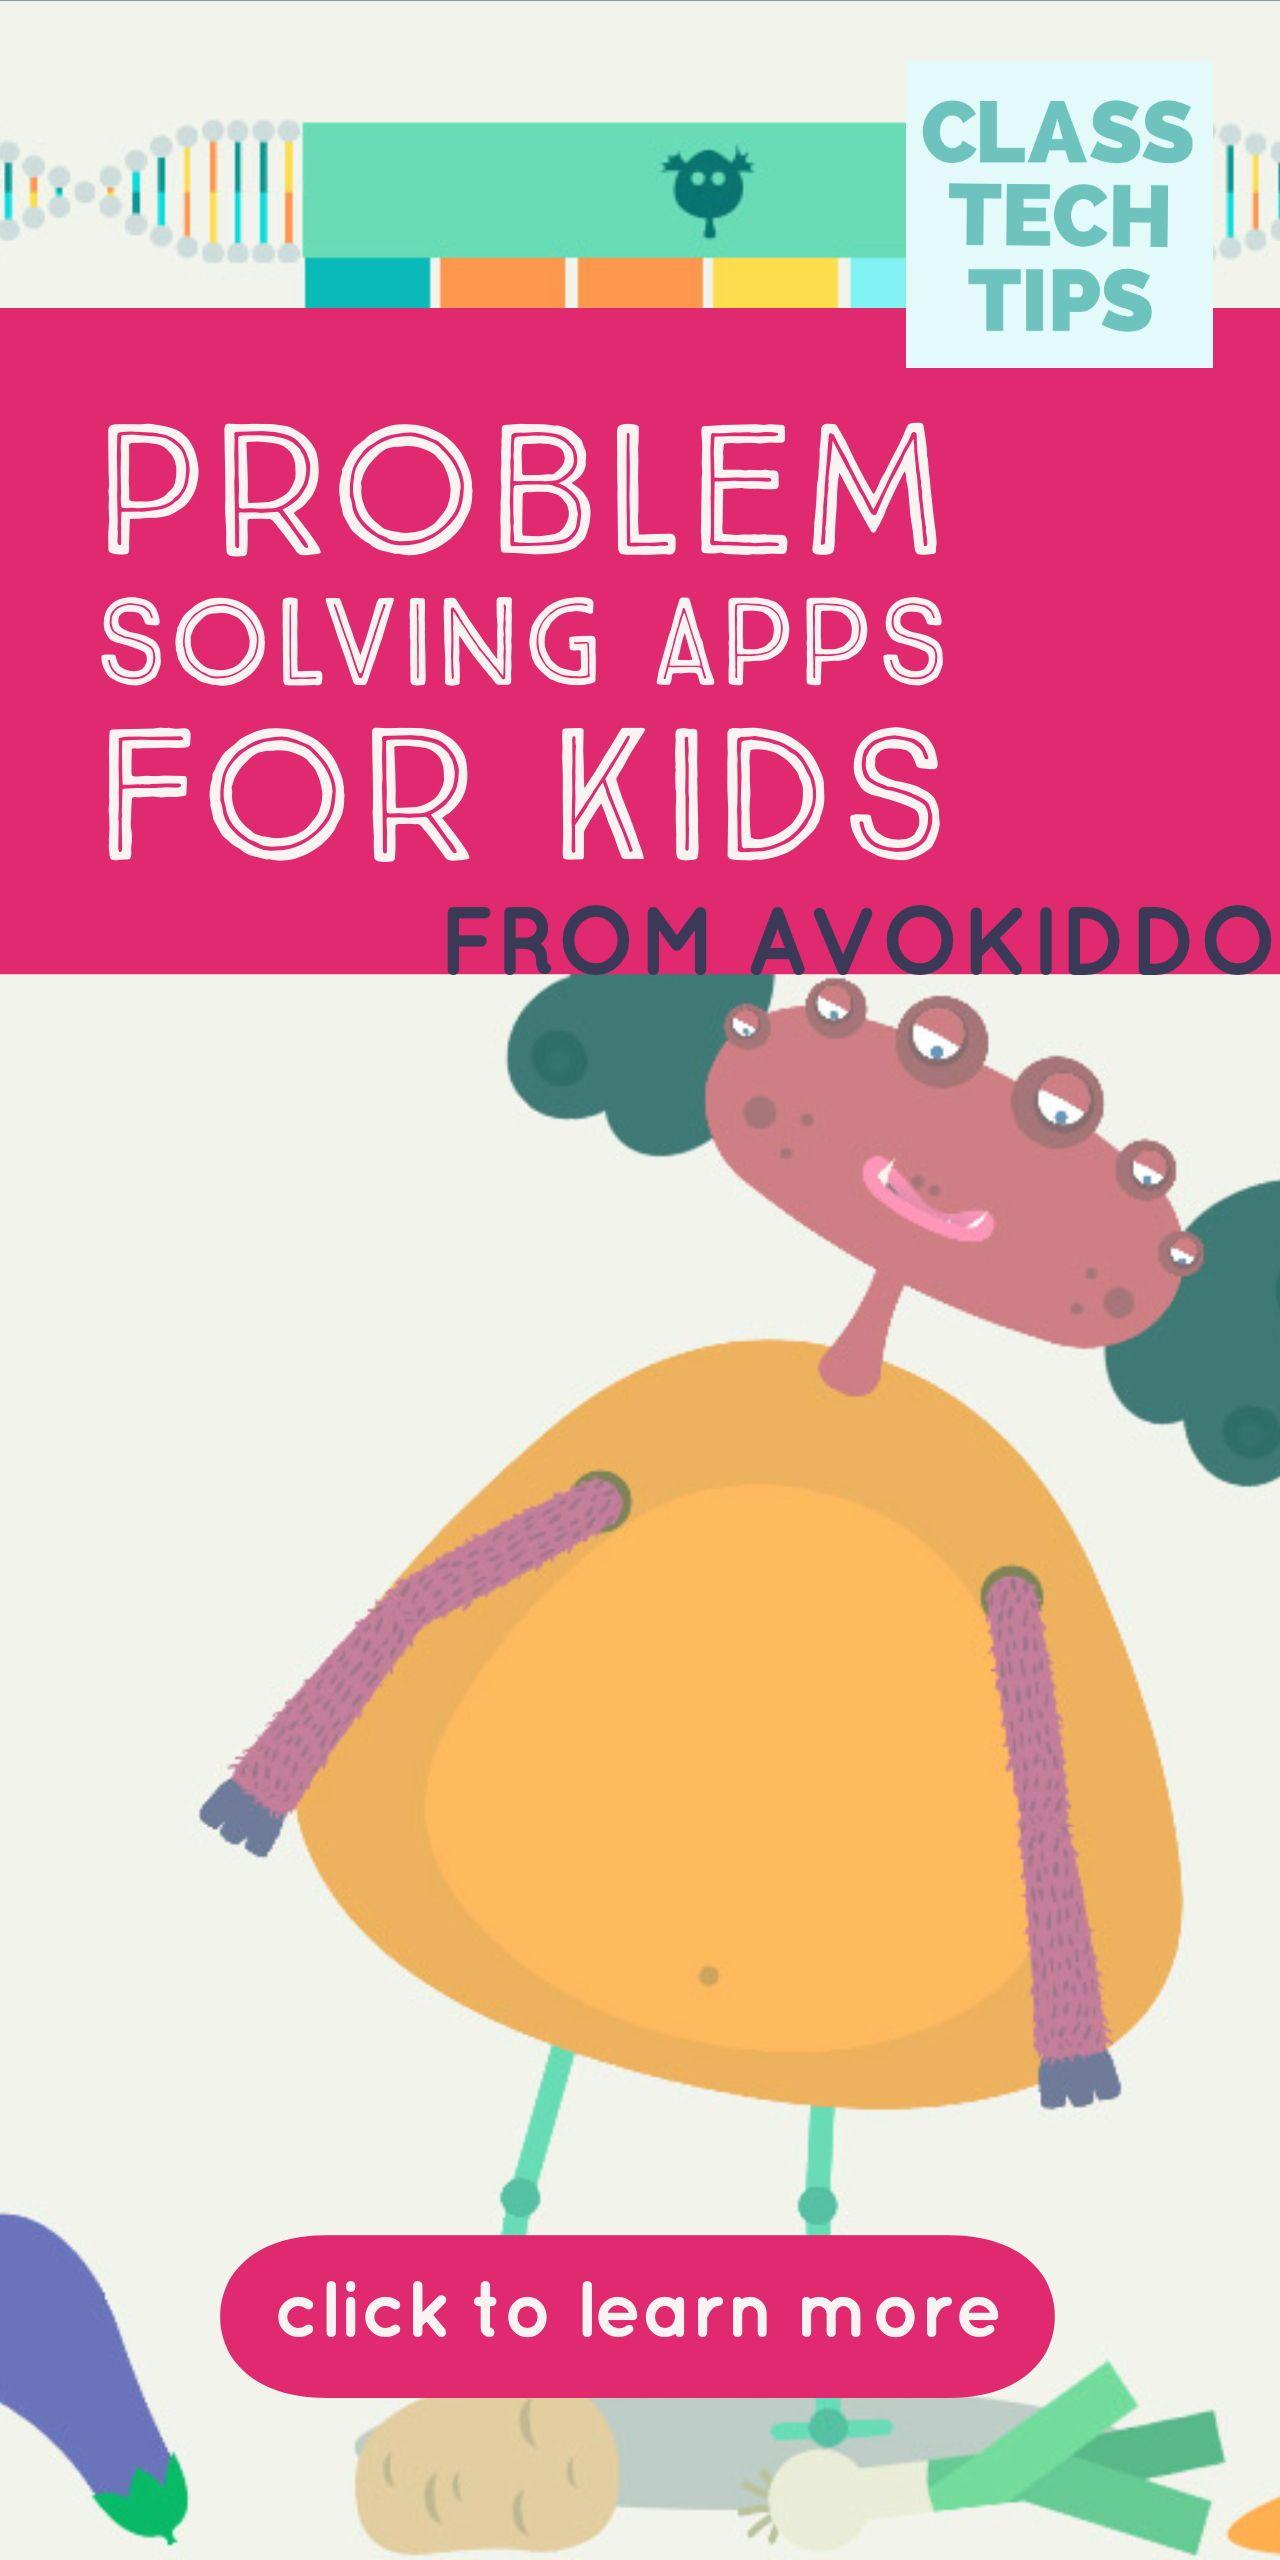 Problem Solving Apps For Kids From Avokiddo